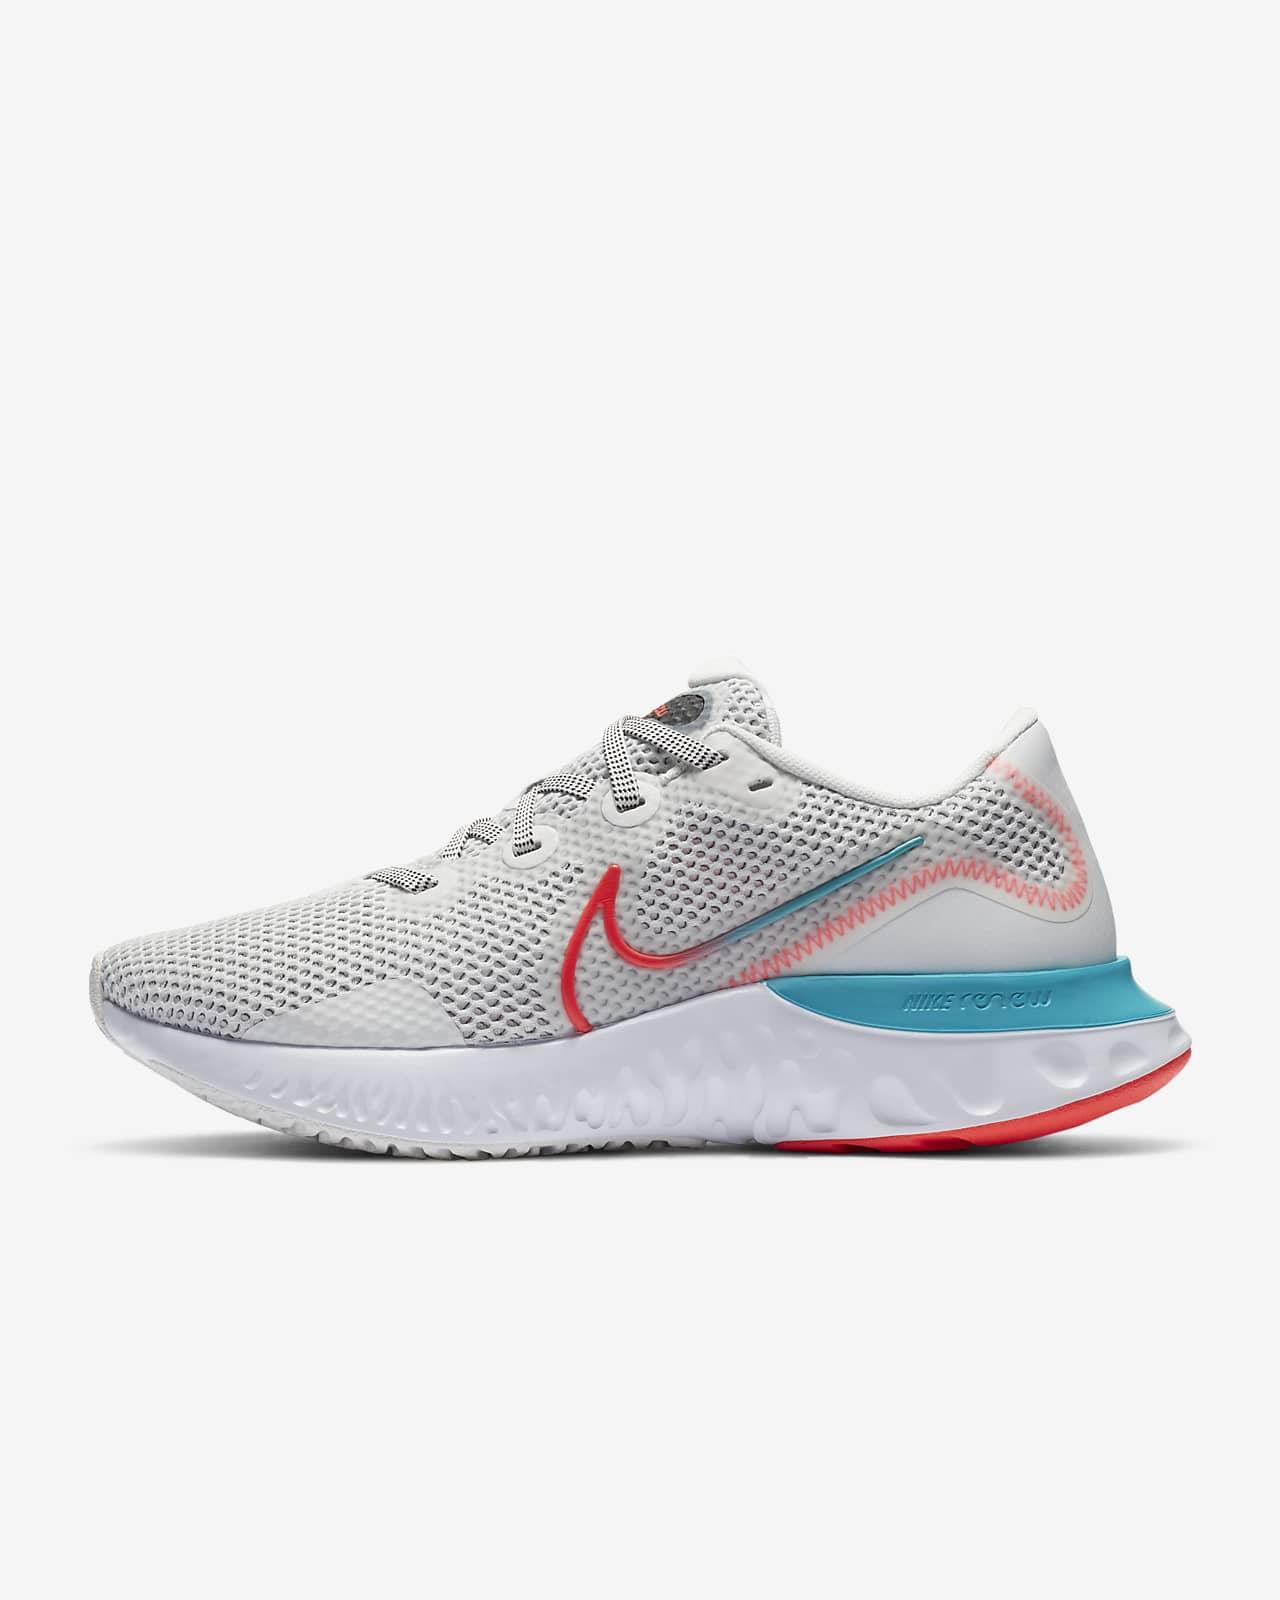 Dámská běžecká bota Nike Renew Run